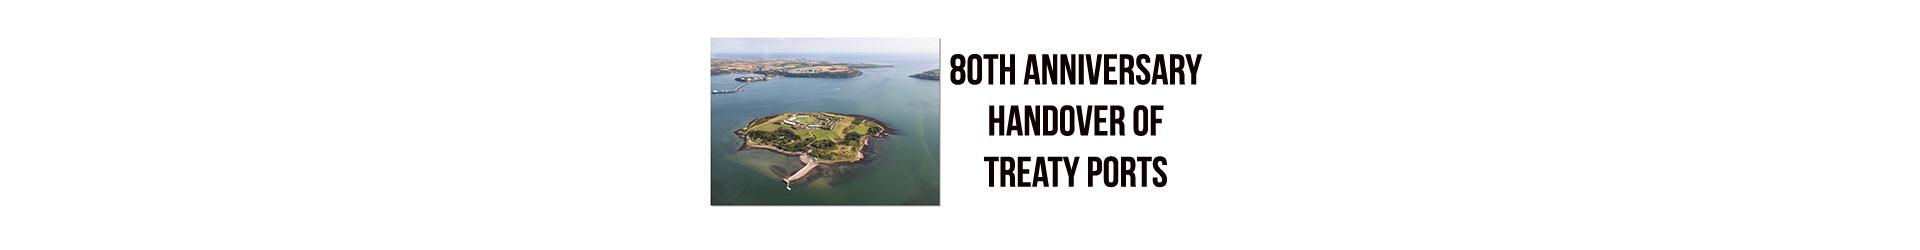 80th Anniversary Handover of Treaty Ports